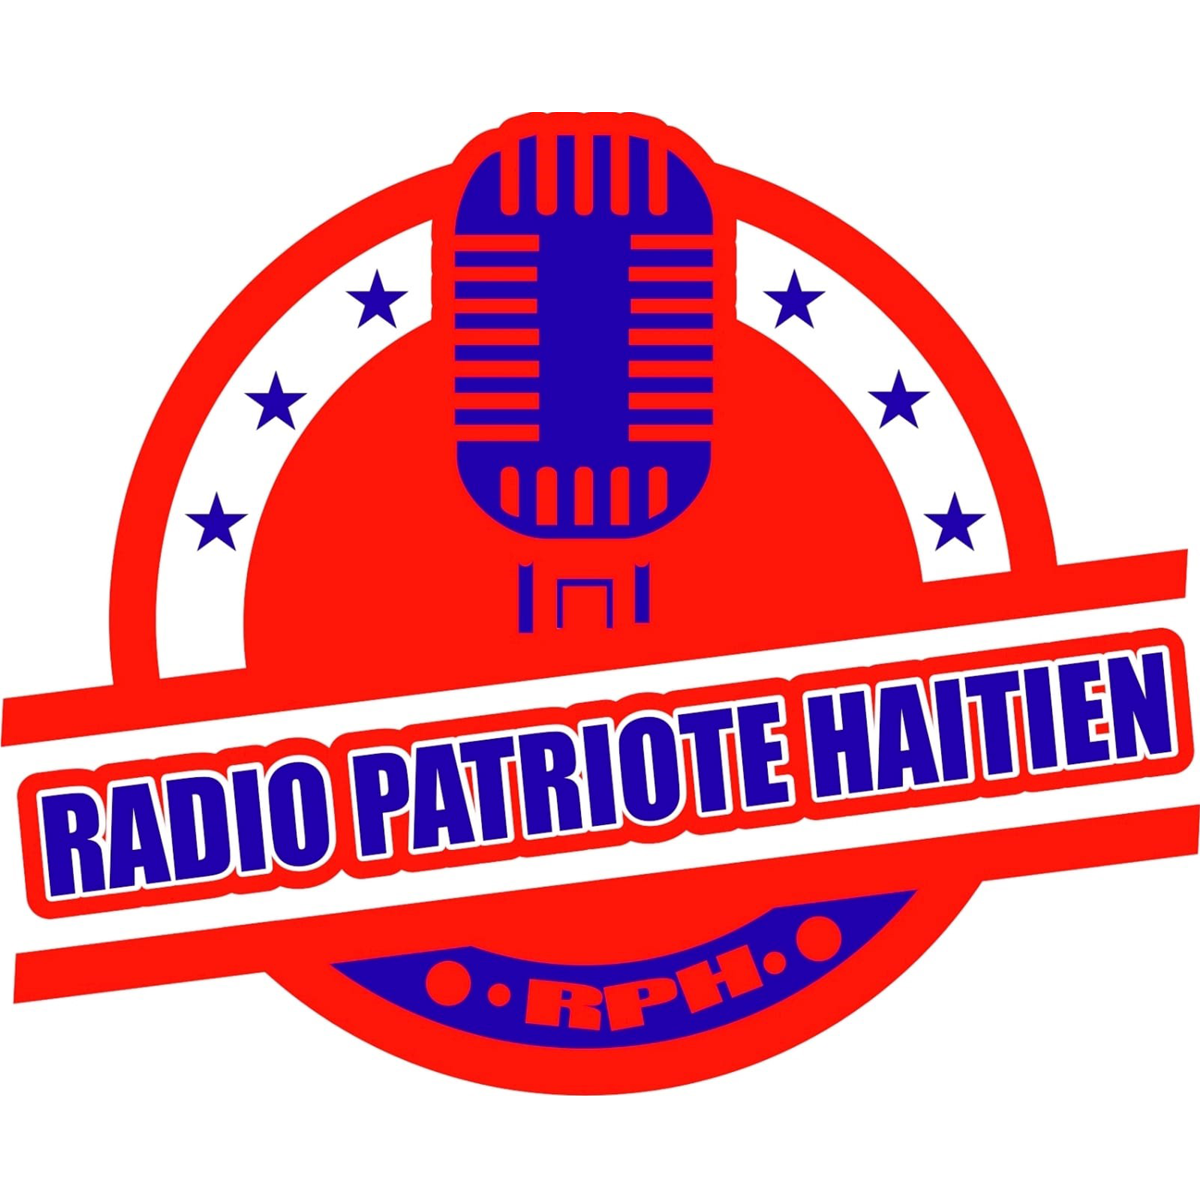 Radio Patriote Haitien